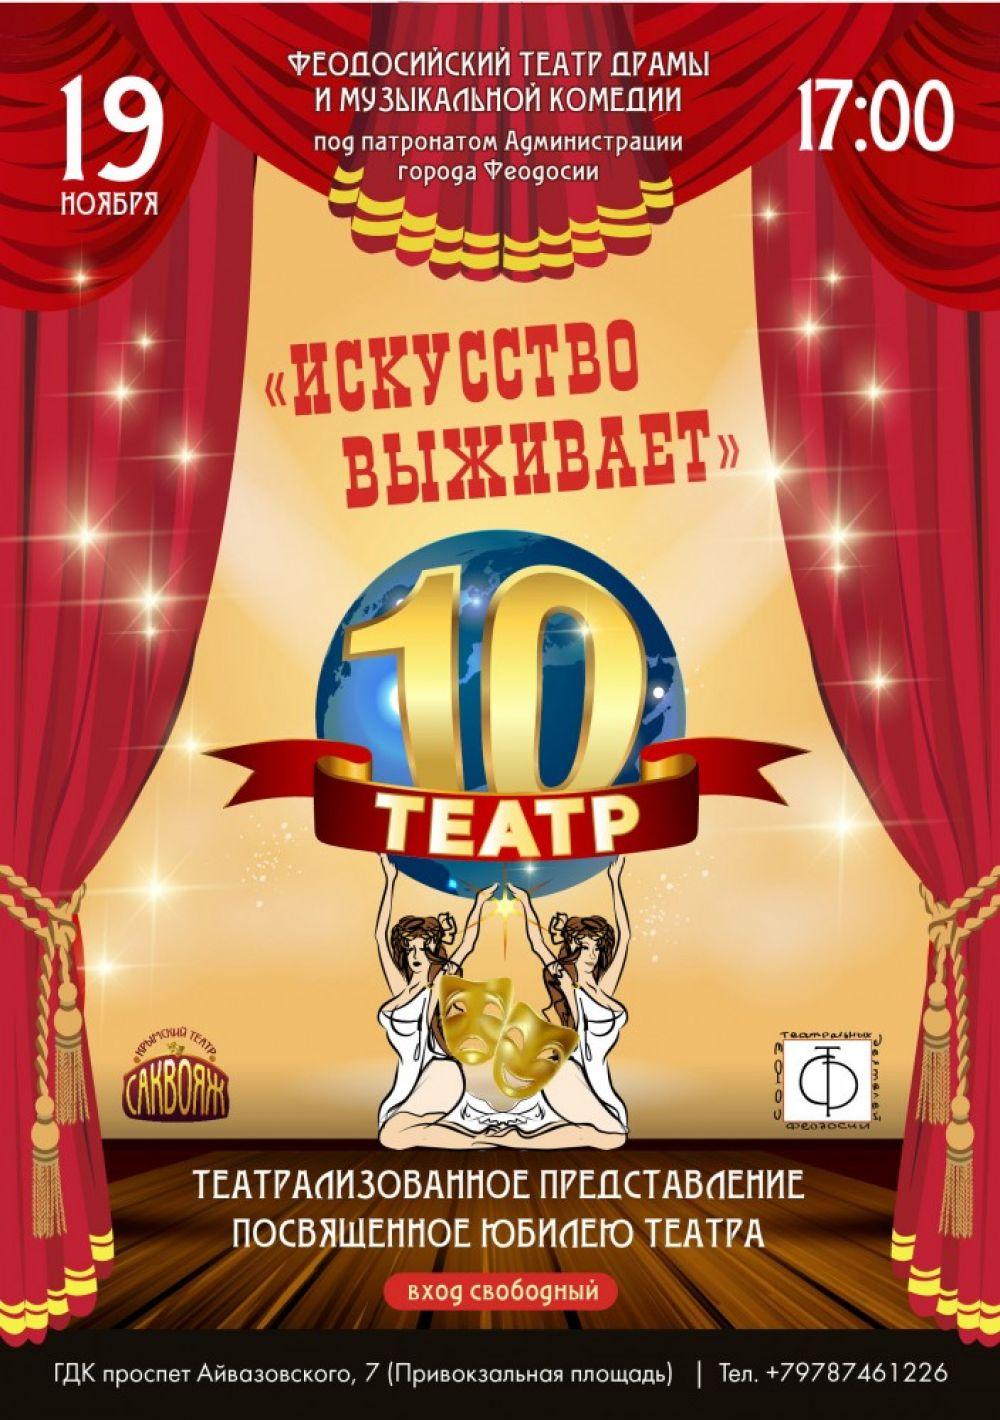 Театральный юбилей в Феодосии